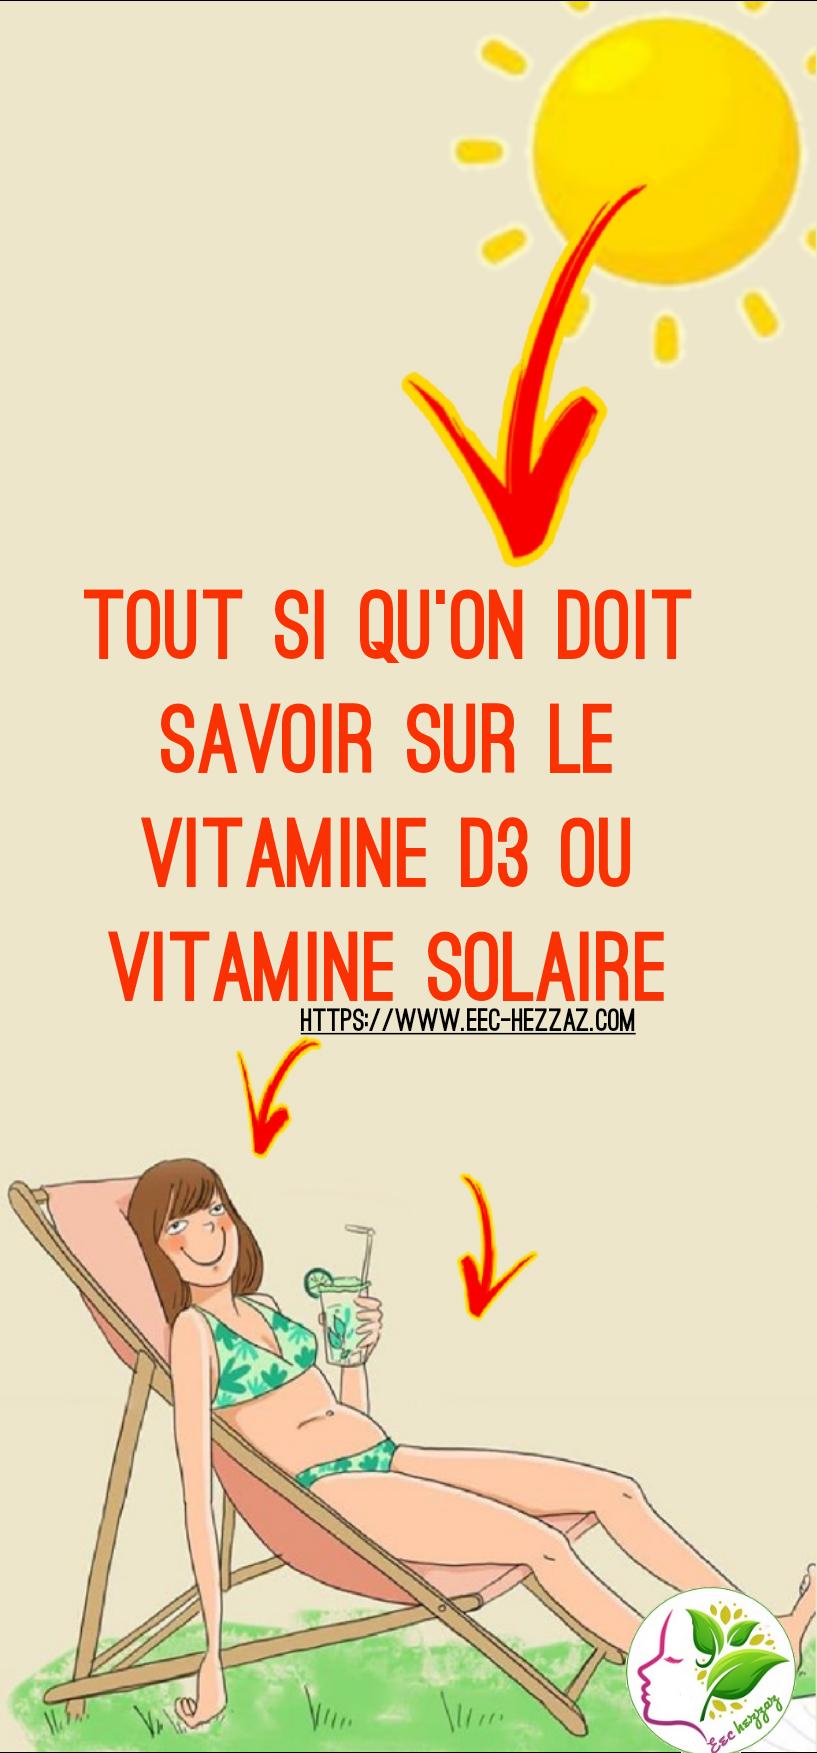 Tout si qu'on doit savoir sur le vitamine D3 ou Vitamine Solaire